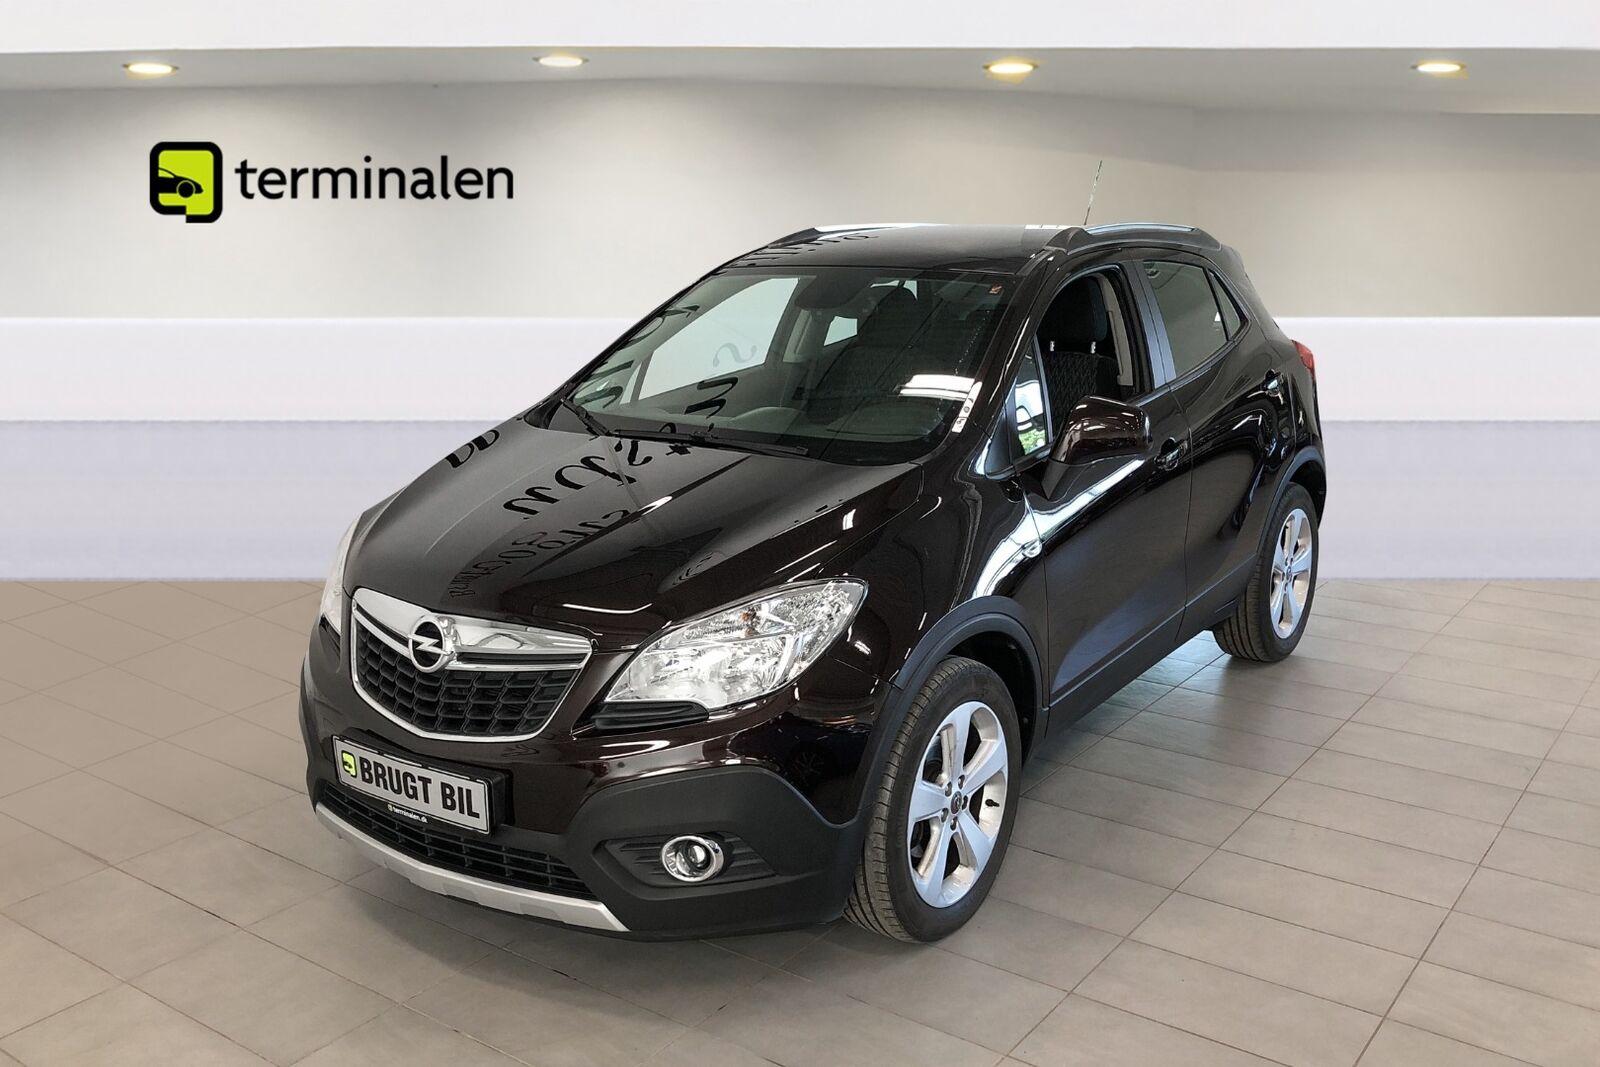 Opel Mokka 1,7 CDTi 130 Enjoy eco 5d - 114.900 kr.